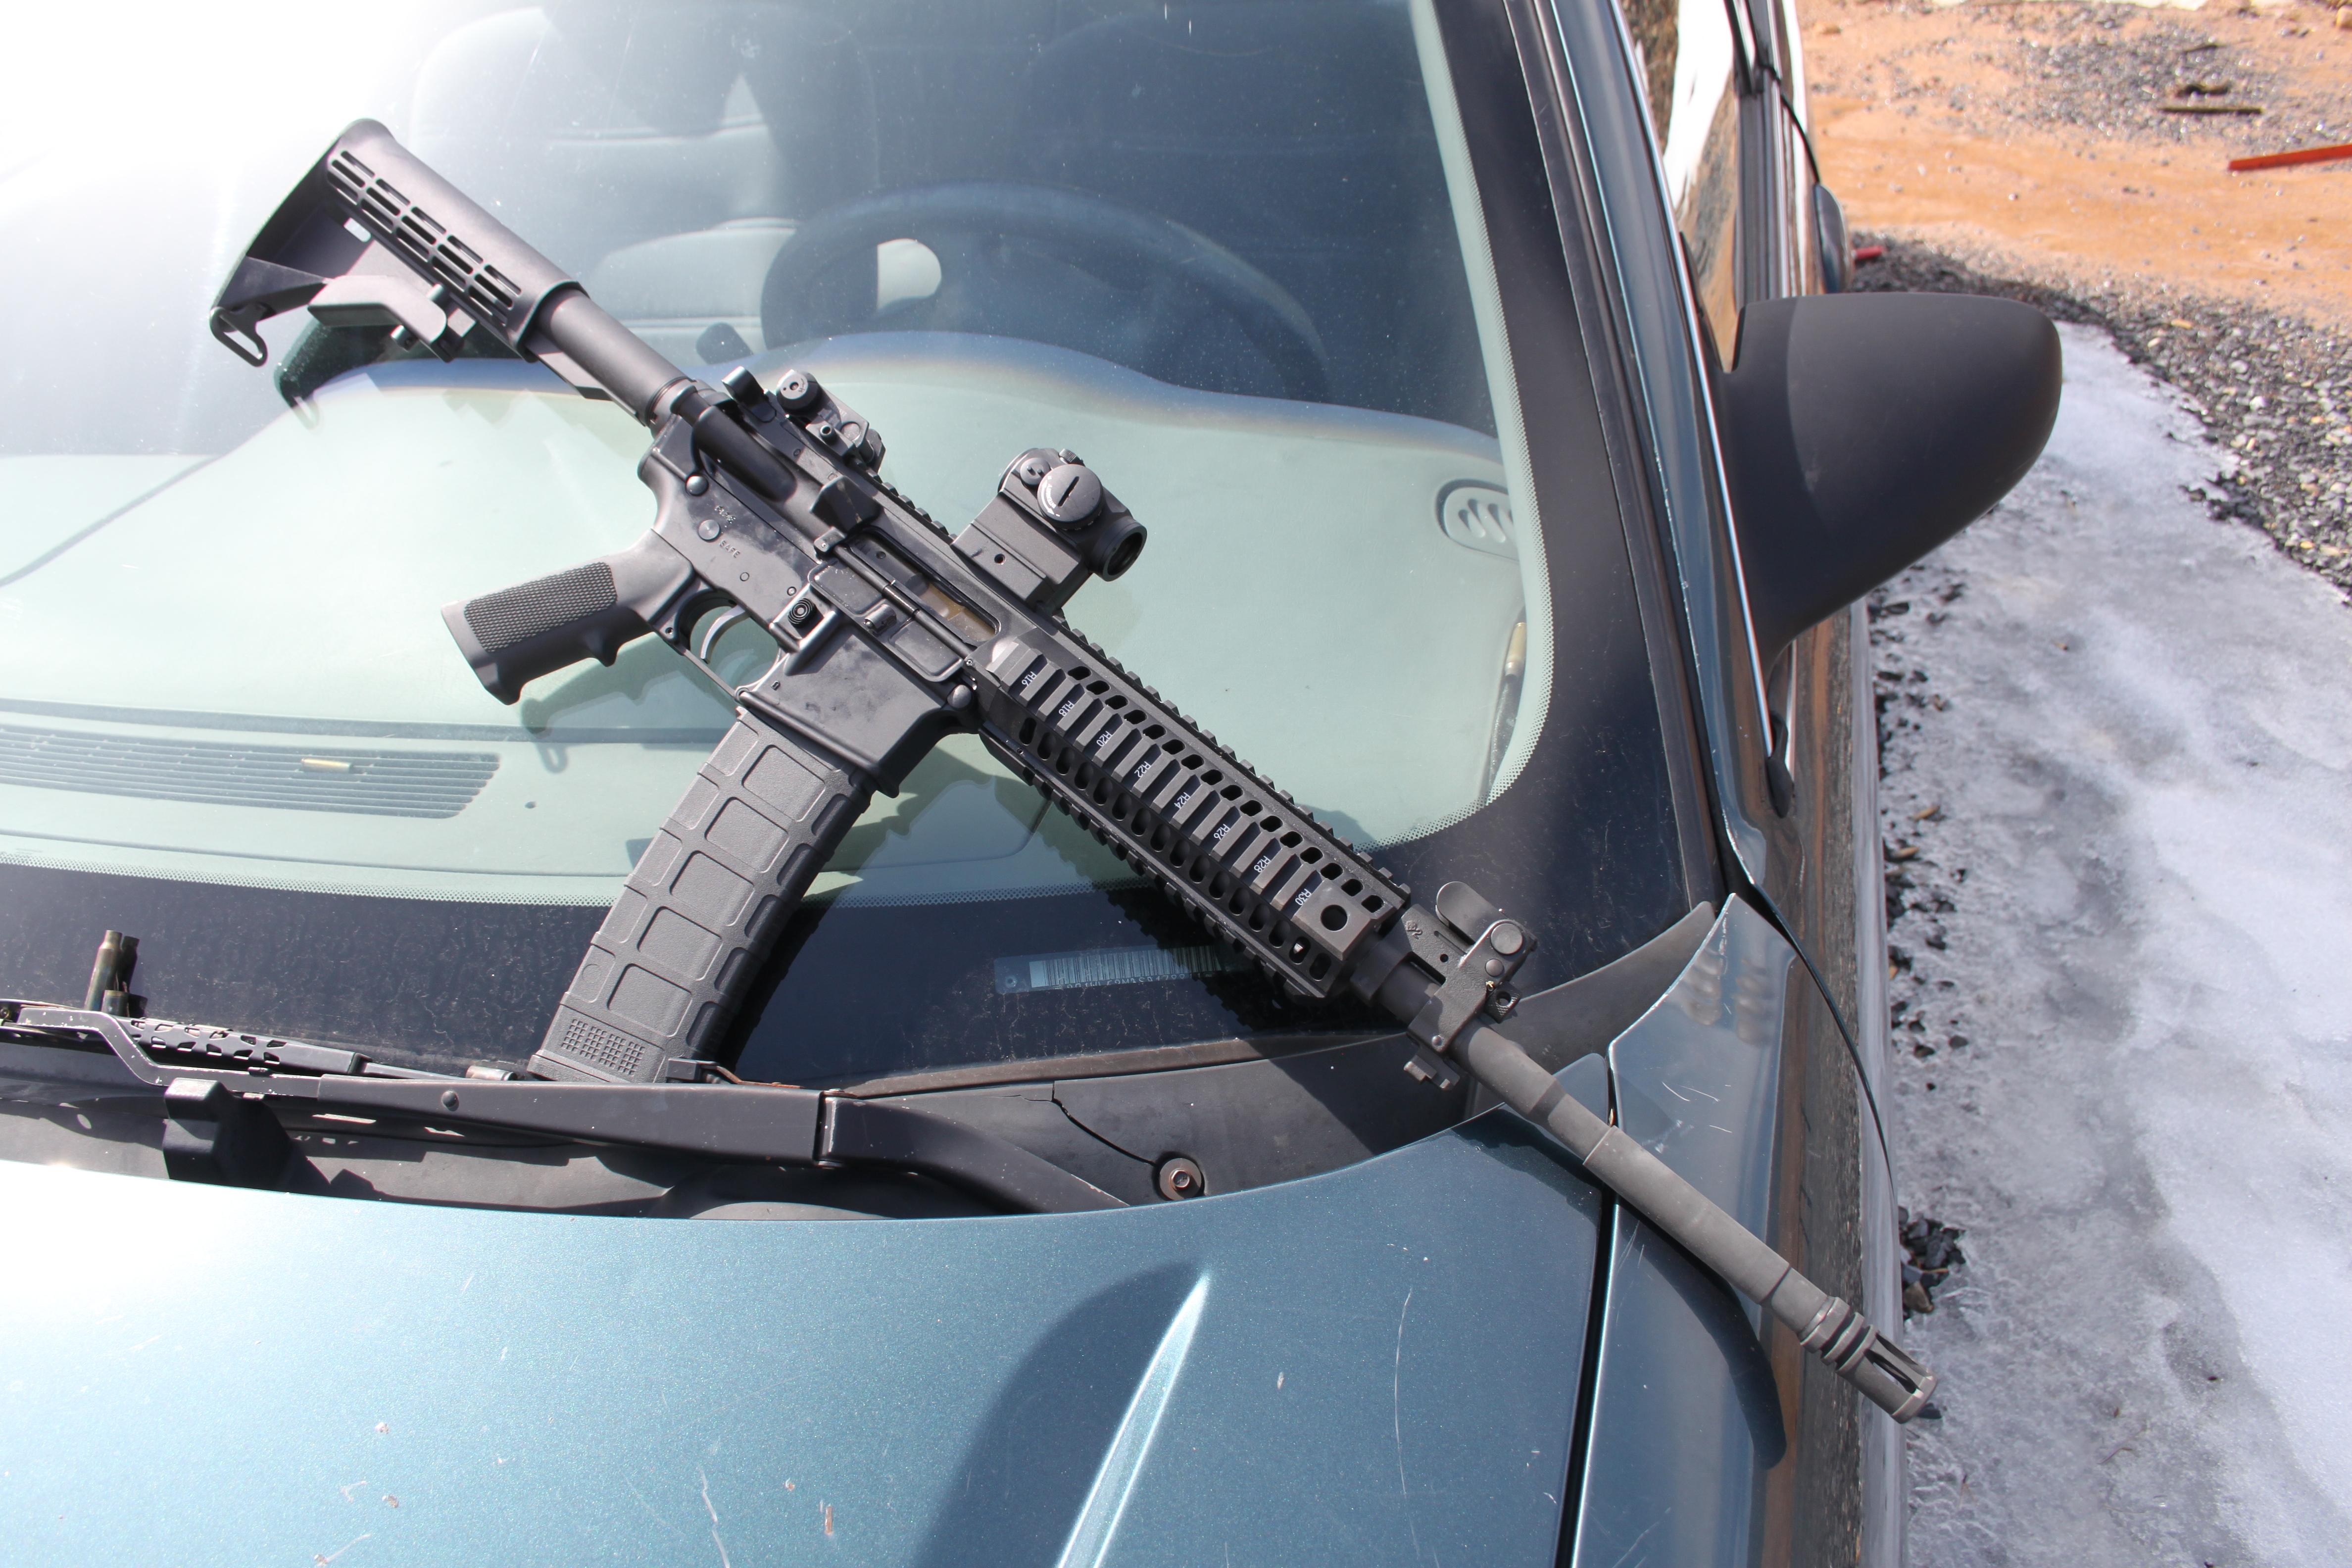 Horse of a Different Color: Colt LE6940P Carbine | S W A T